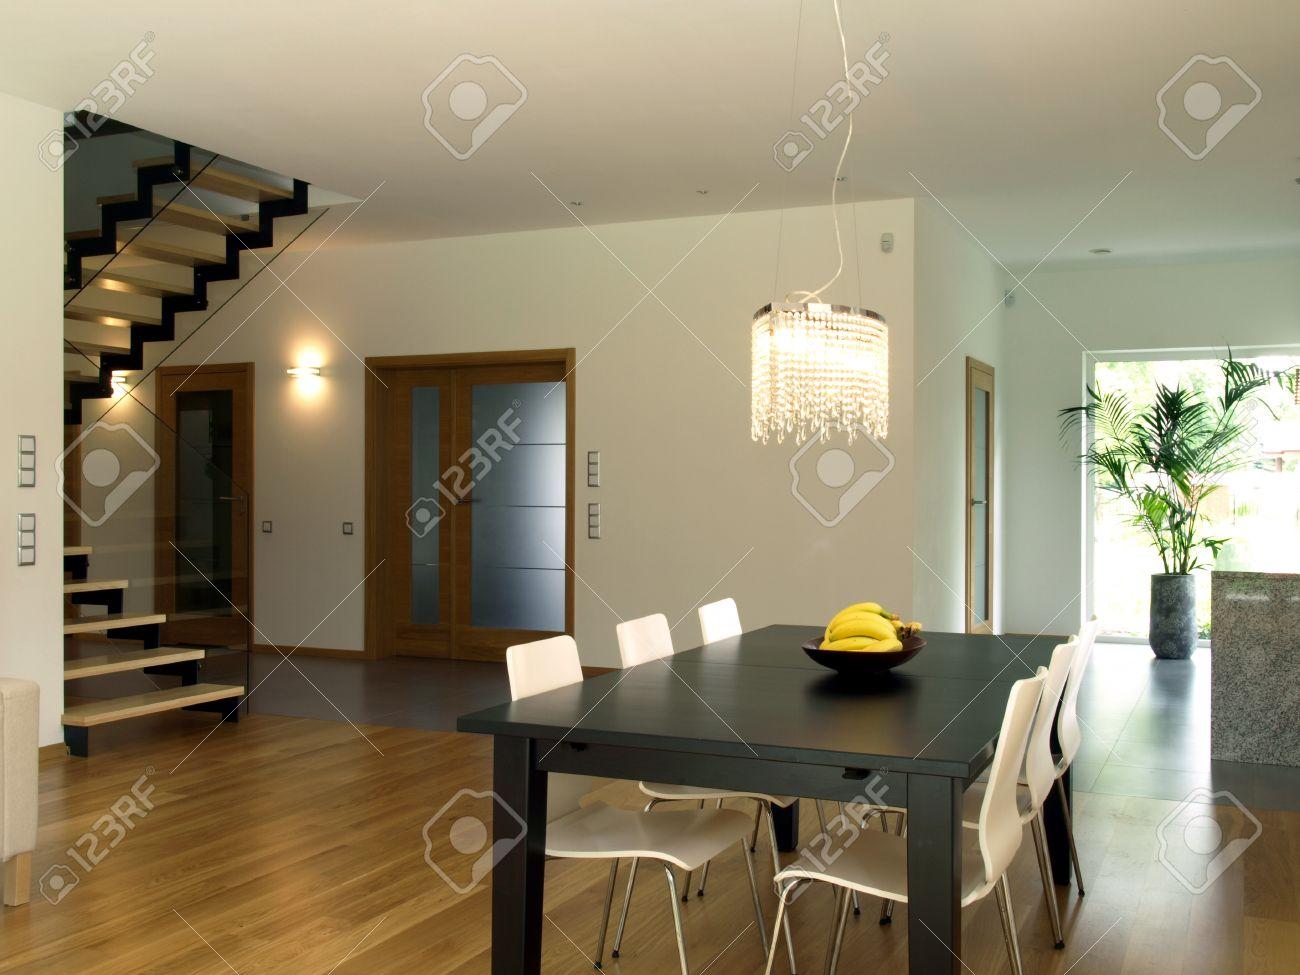 comedor escaleras y el pasillo de la casa moderna foto de archivo